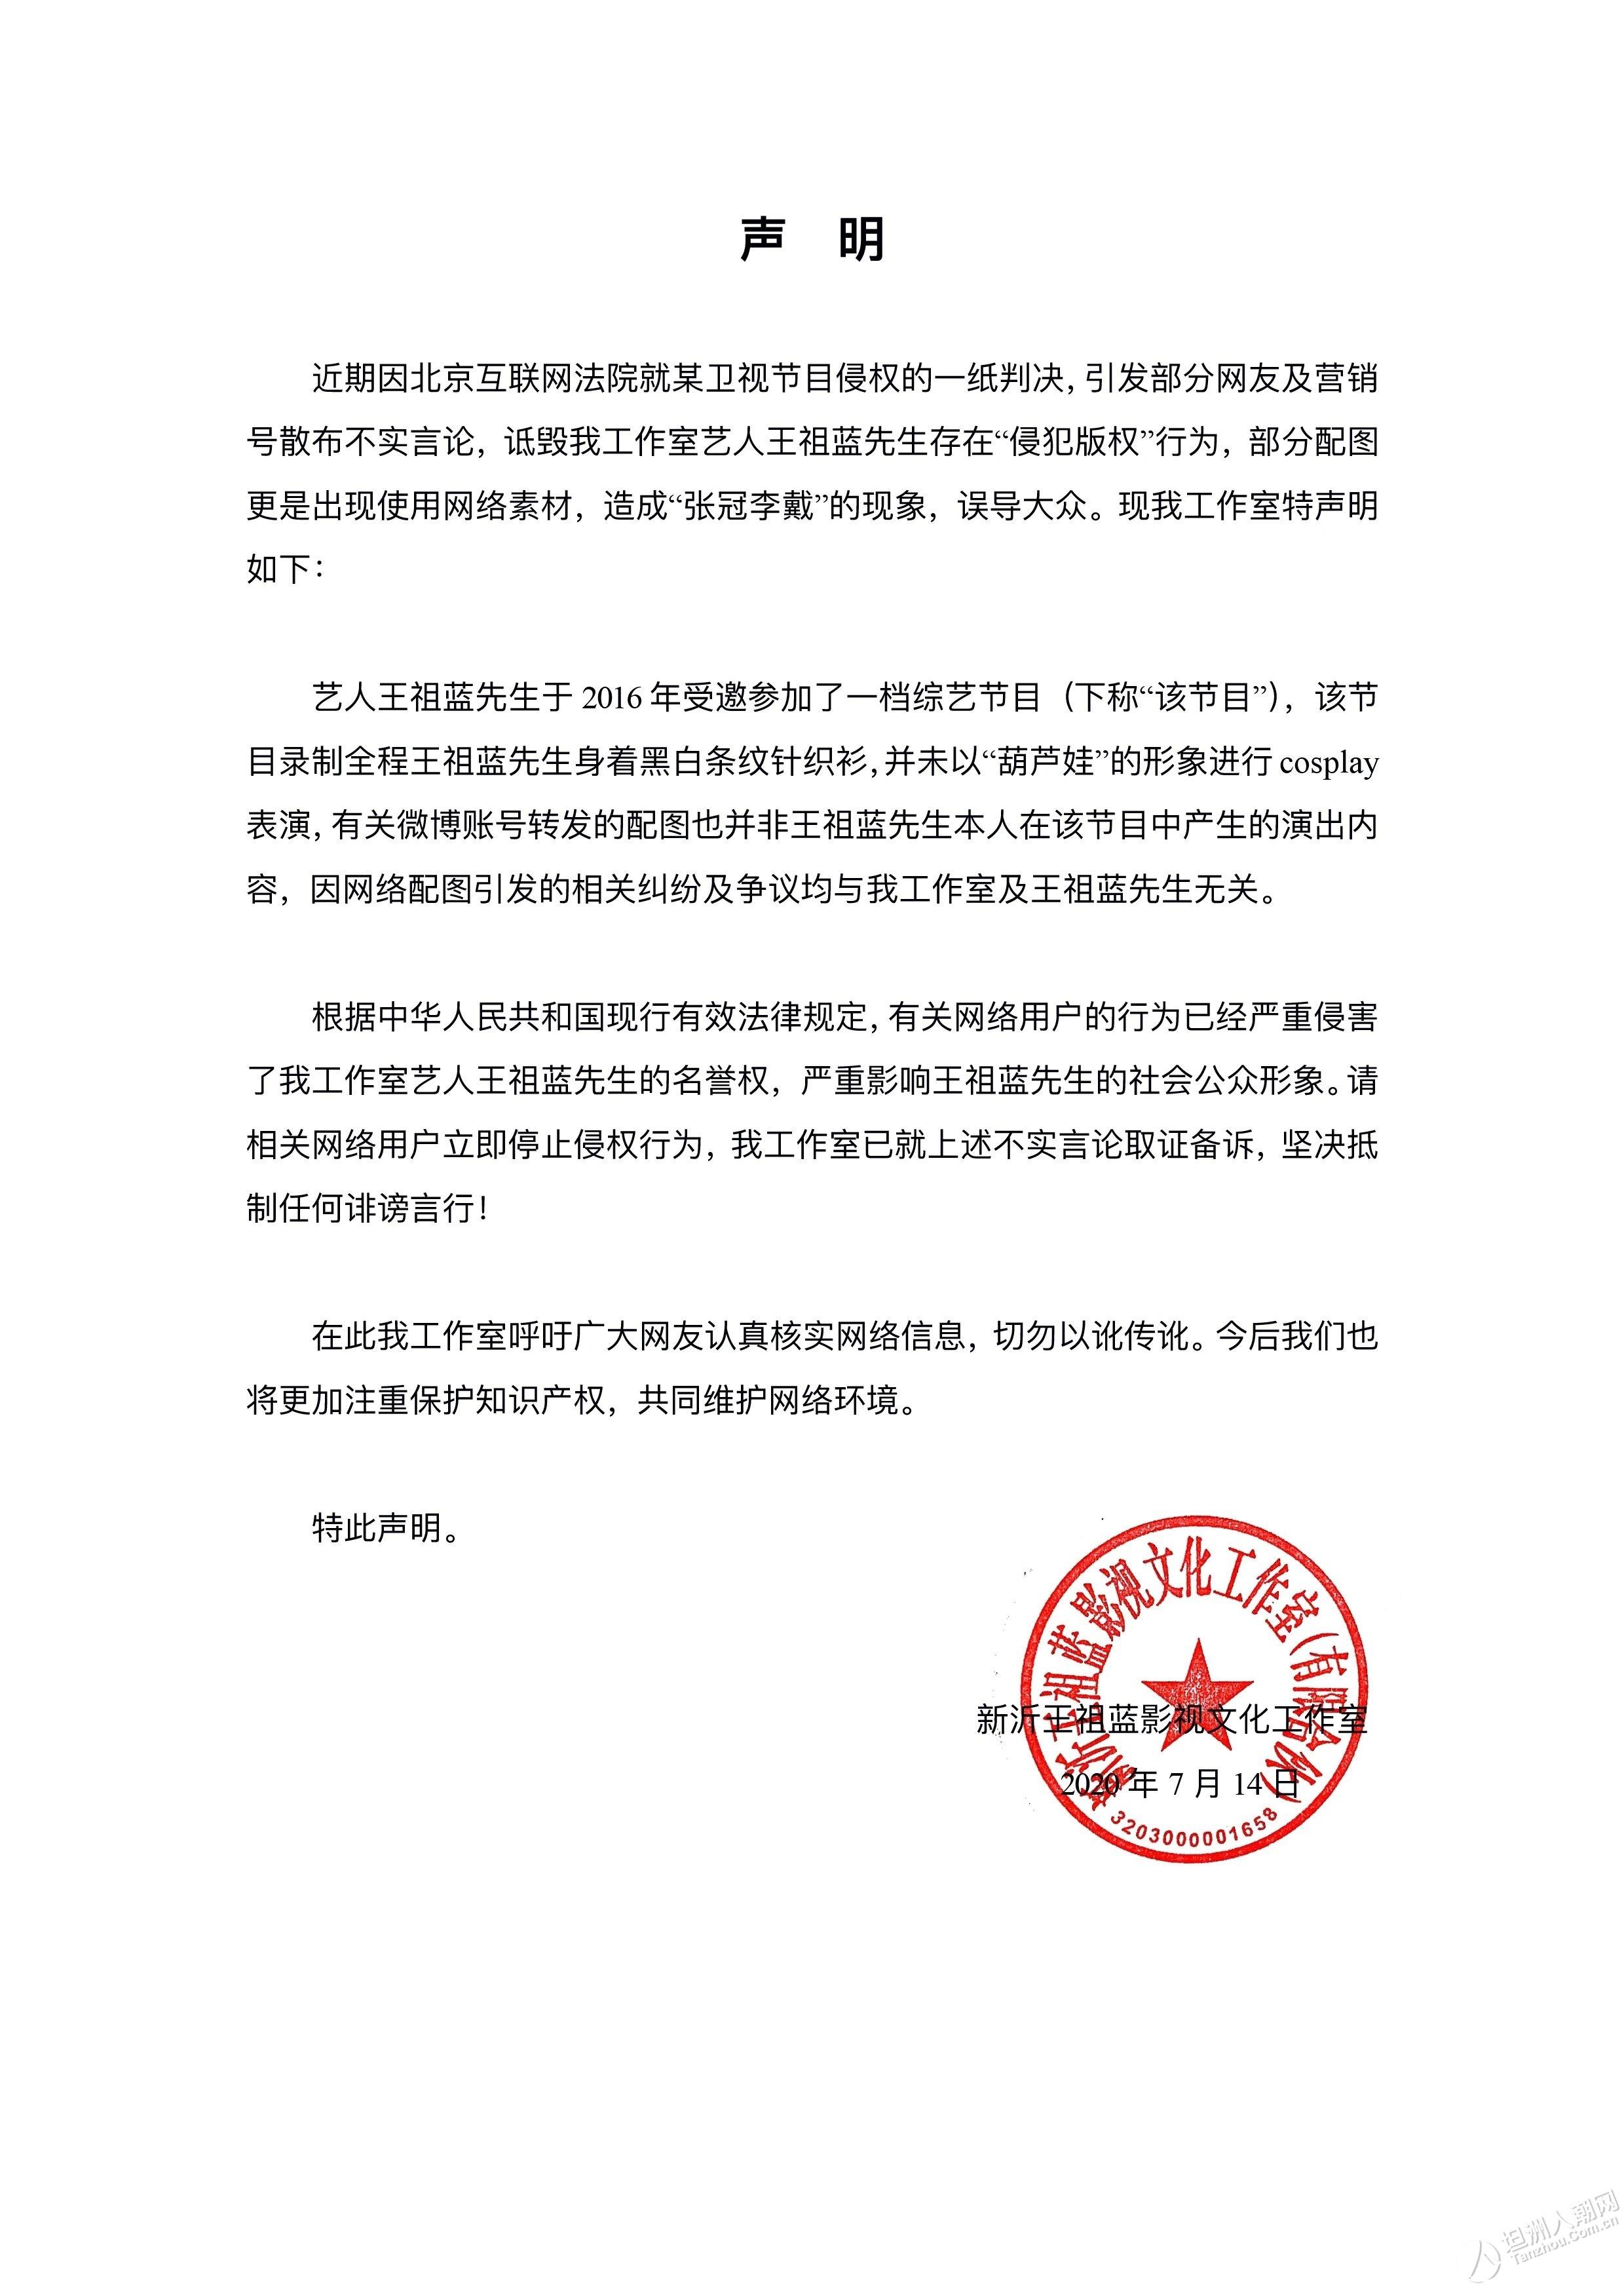 王祖蓝方回应cos葫芦娃被判侵权说了什么?终于真相了...